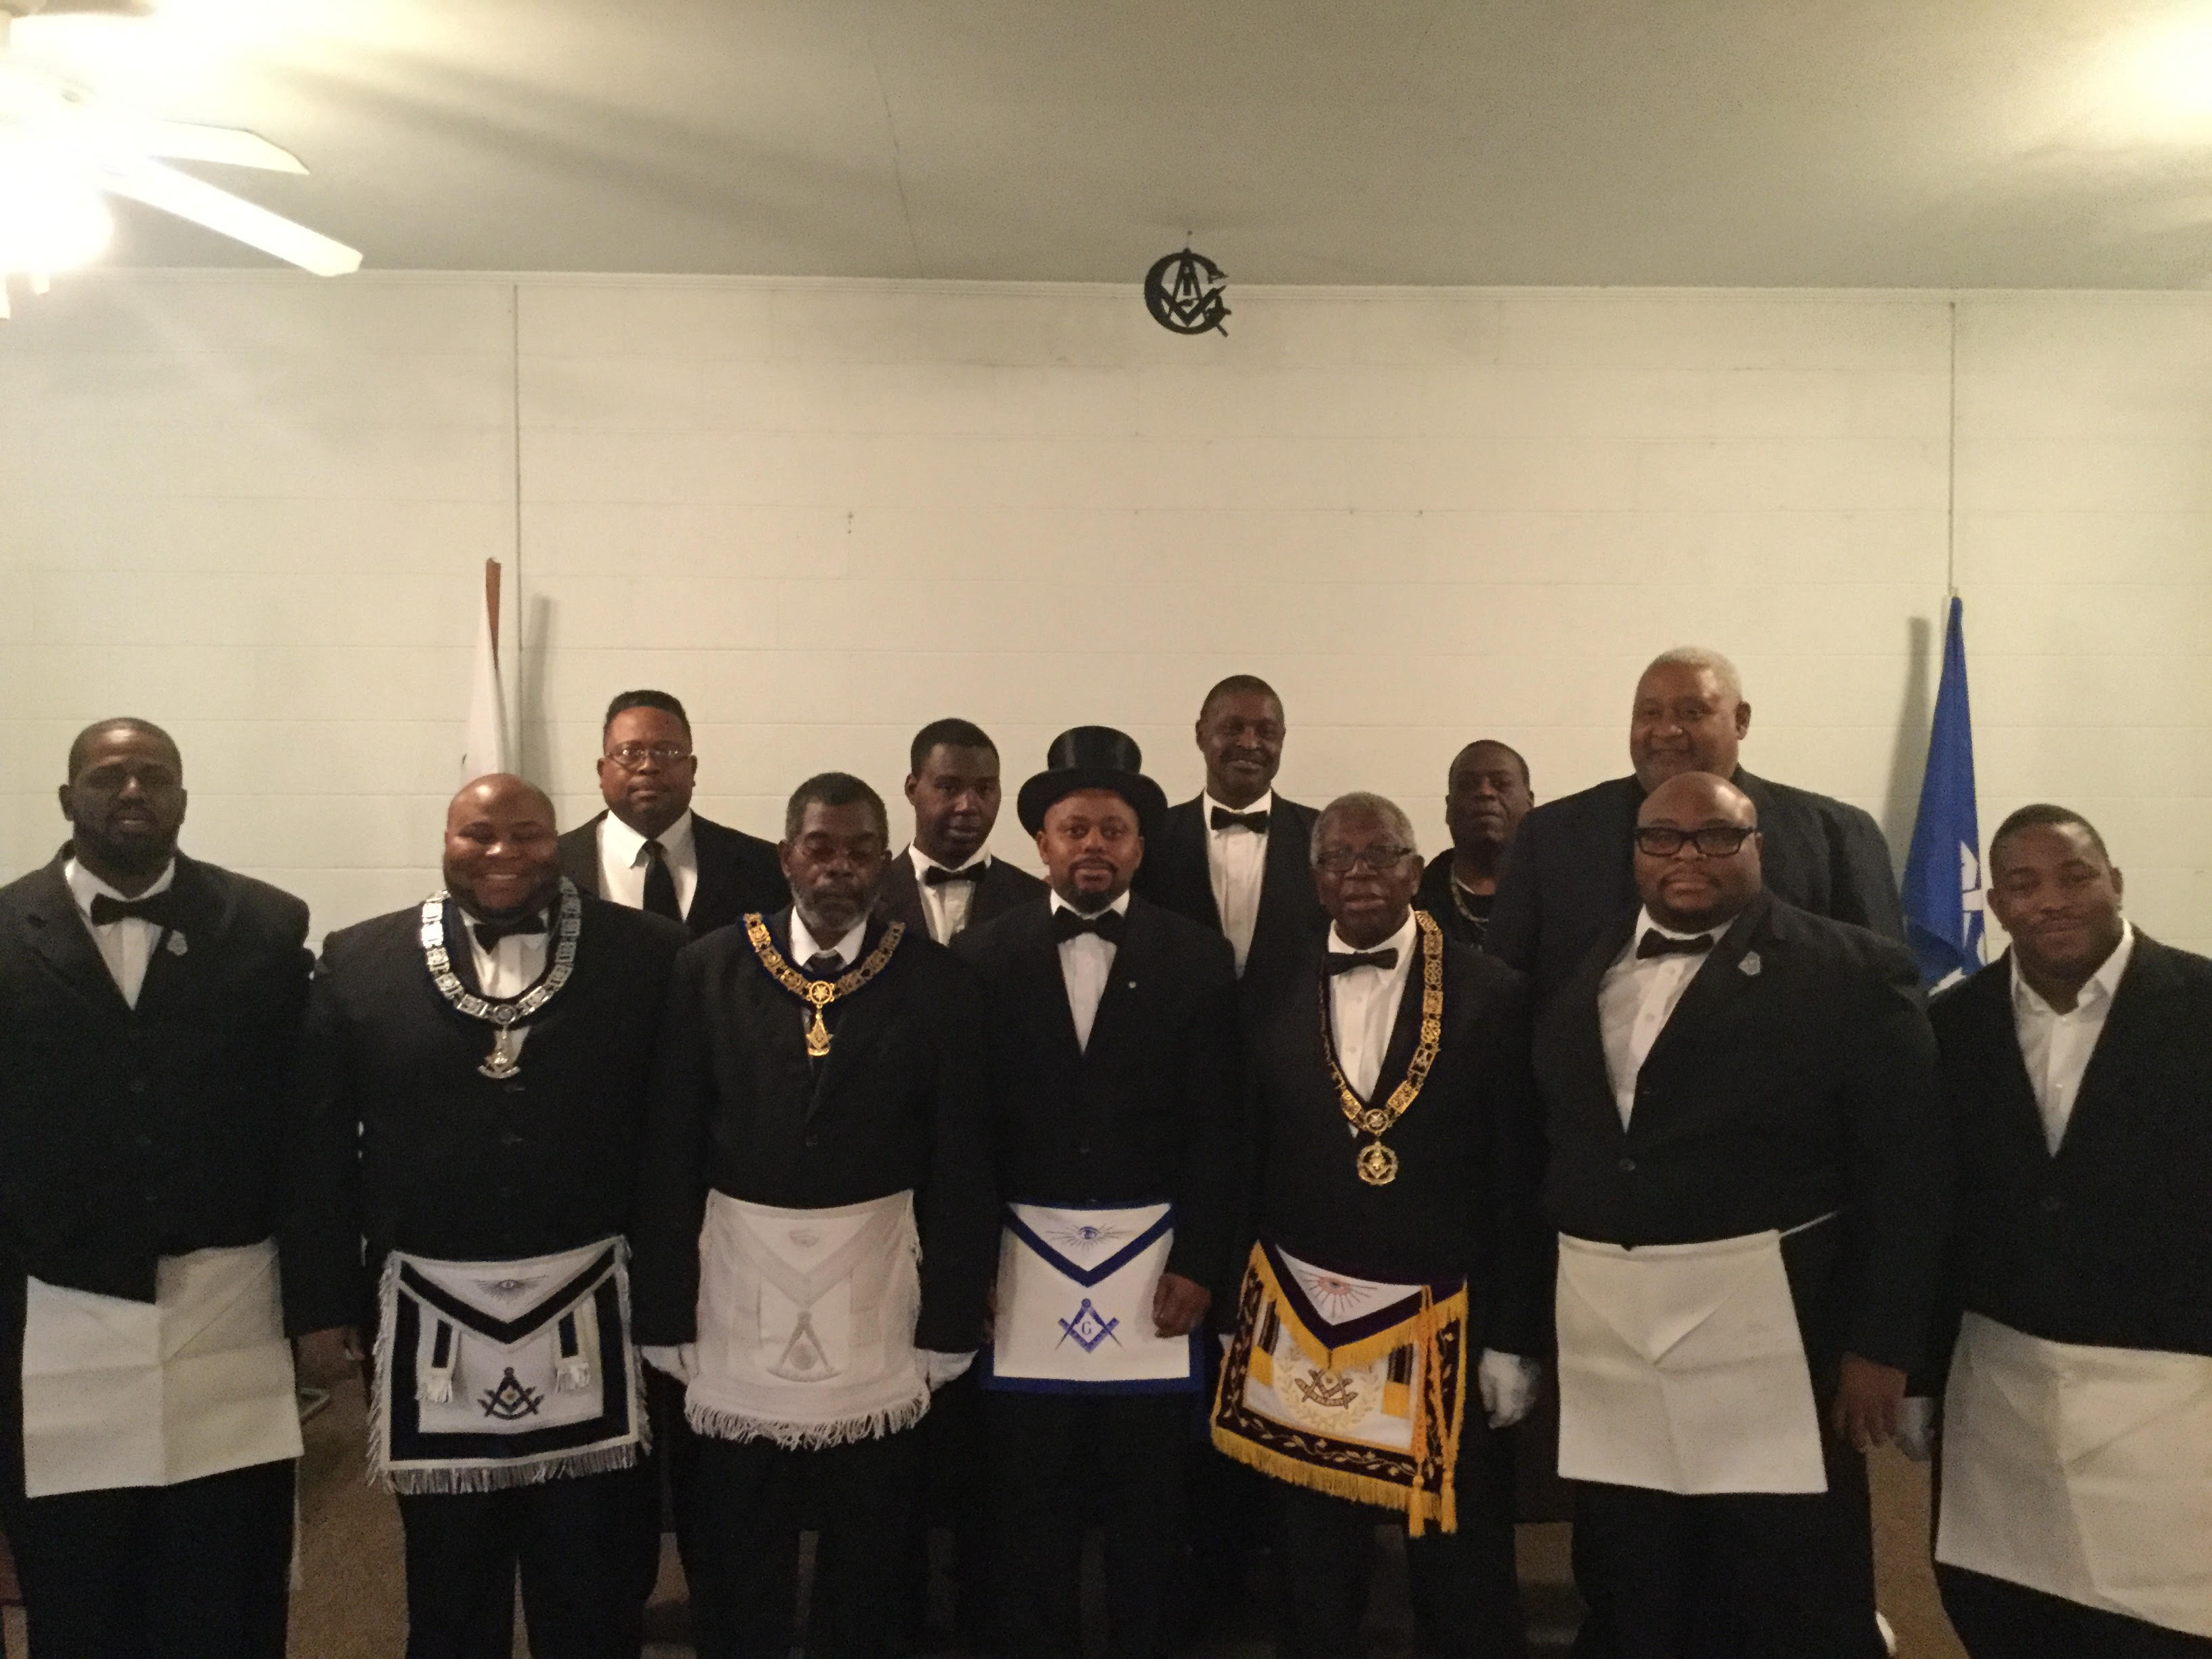 Douglas Masonic Lodge No 73